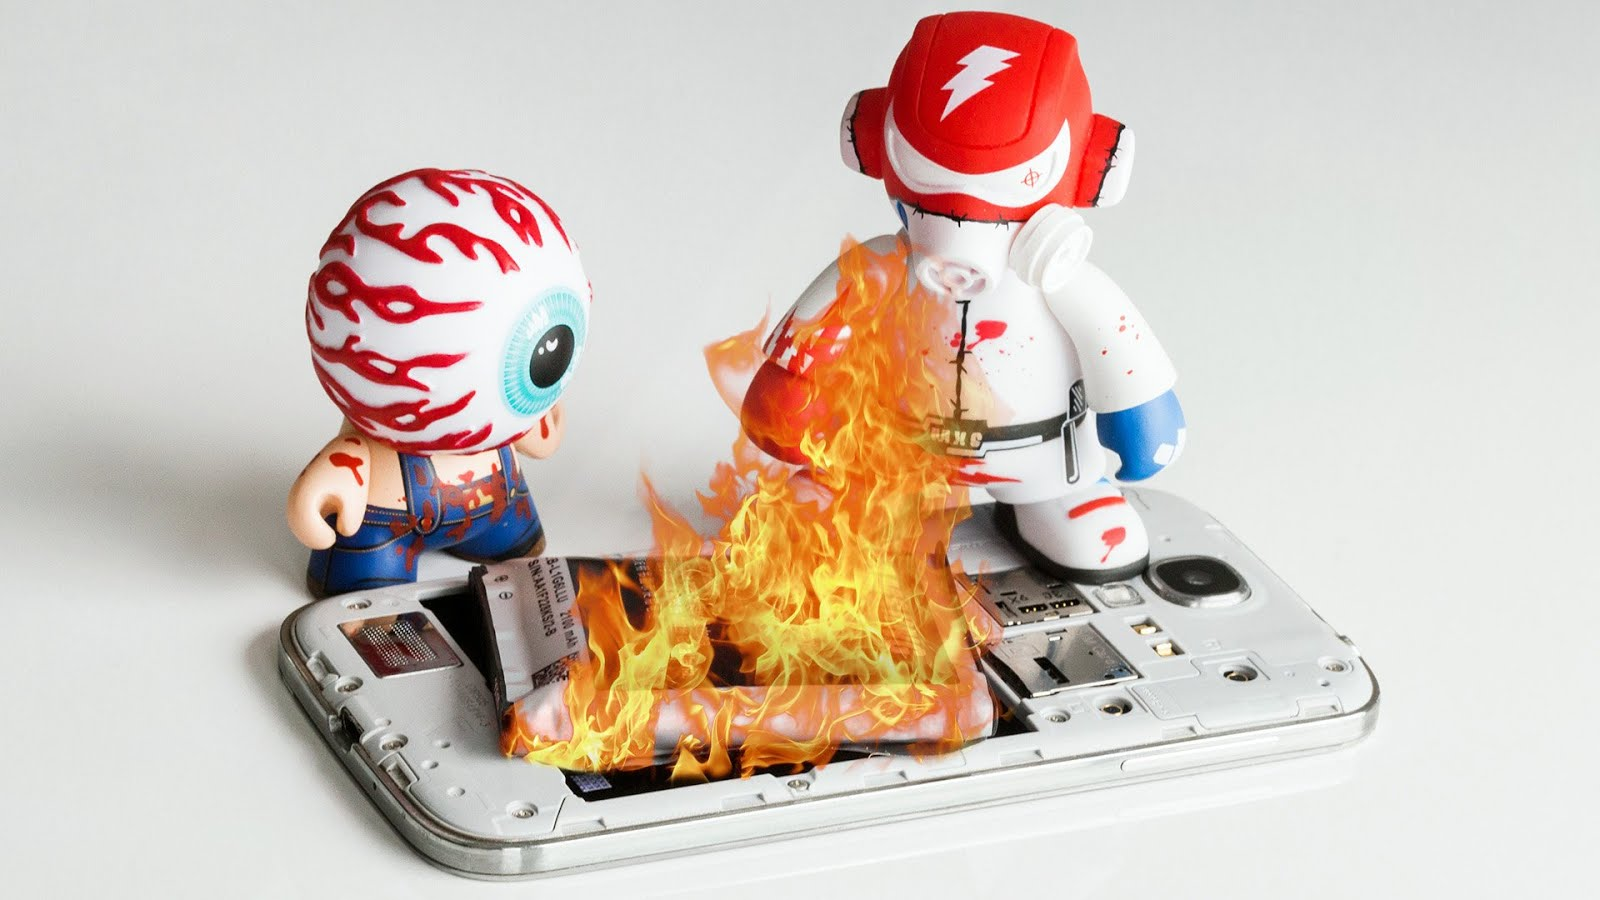 cara ampuh mengatasi xiaomi yang cepat panas Cara Ampuh Mengatasi Xiaomi Yang Cepat Panas